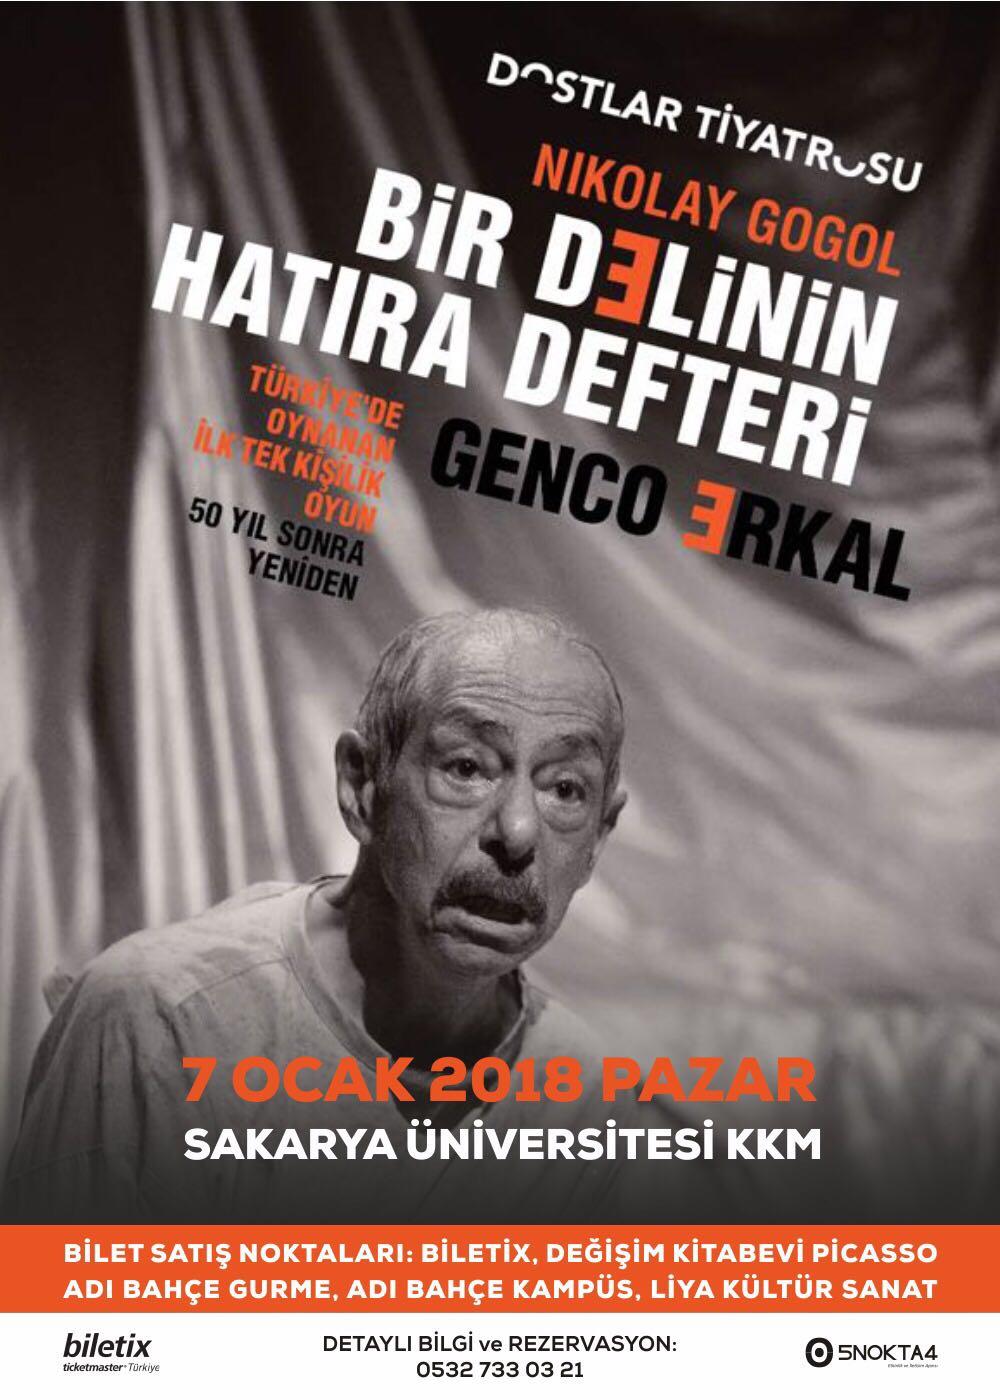 Genco Erkal'dan '' Bir delinin hatıra defteri'' 7 ocak pazar günü Sakarya'da!